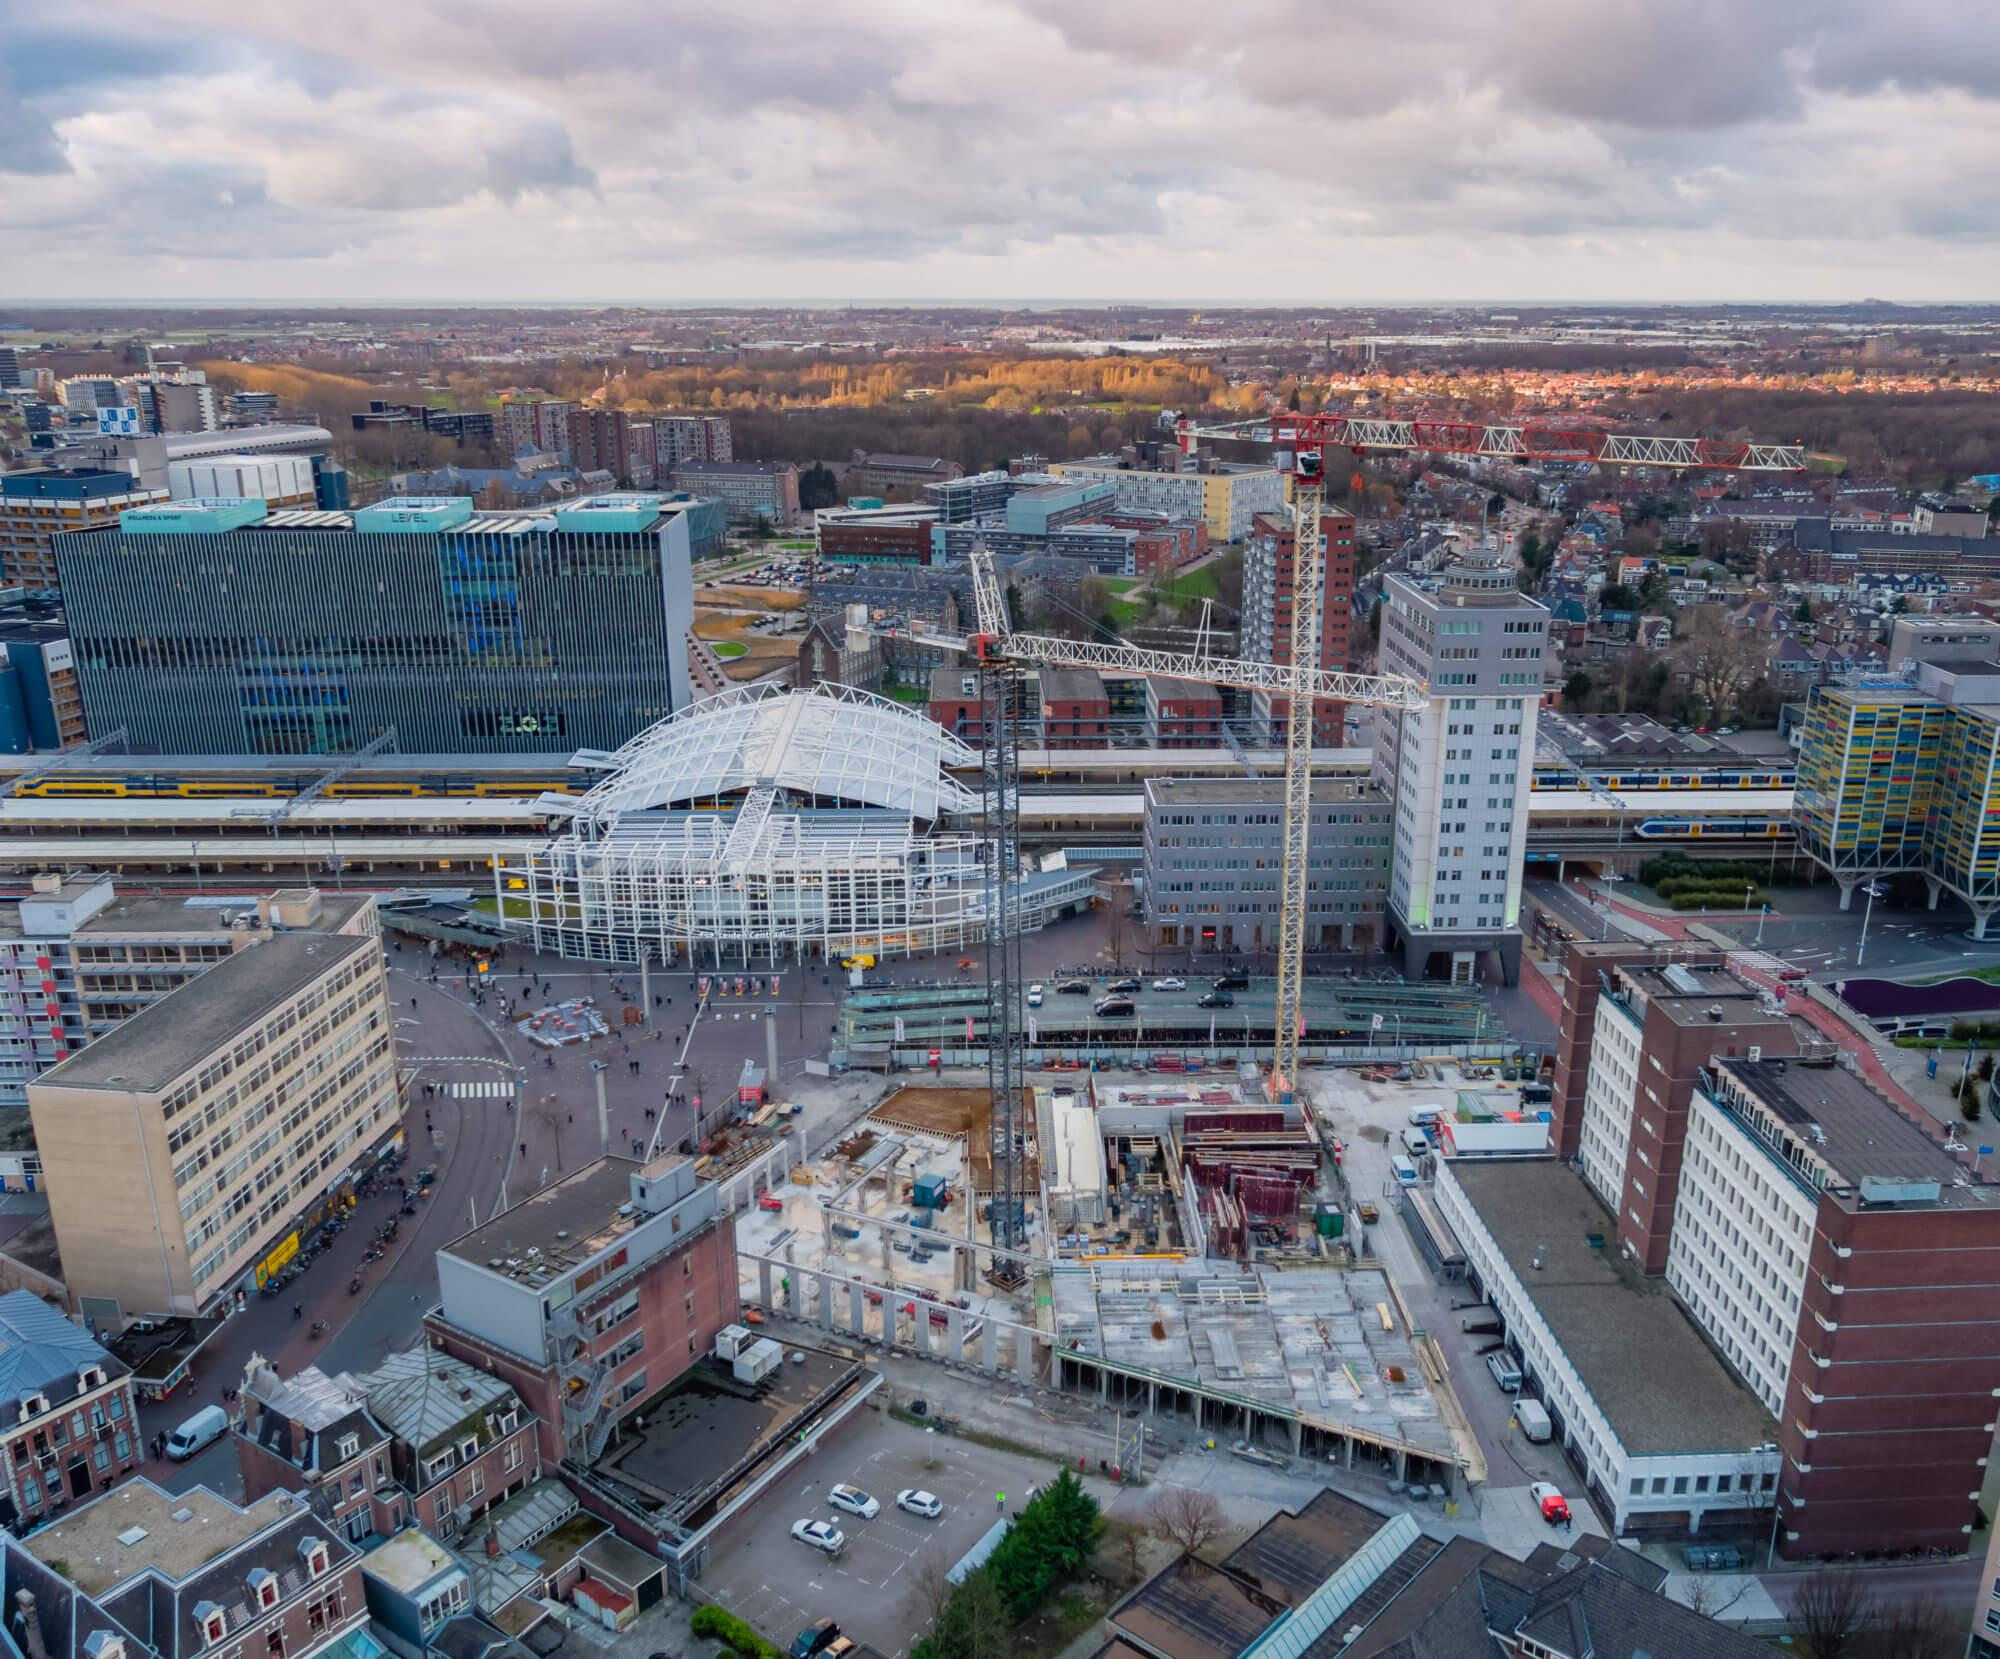 Bouwplaats Lorentz met uitzicht op station Leiden